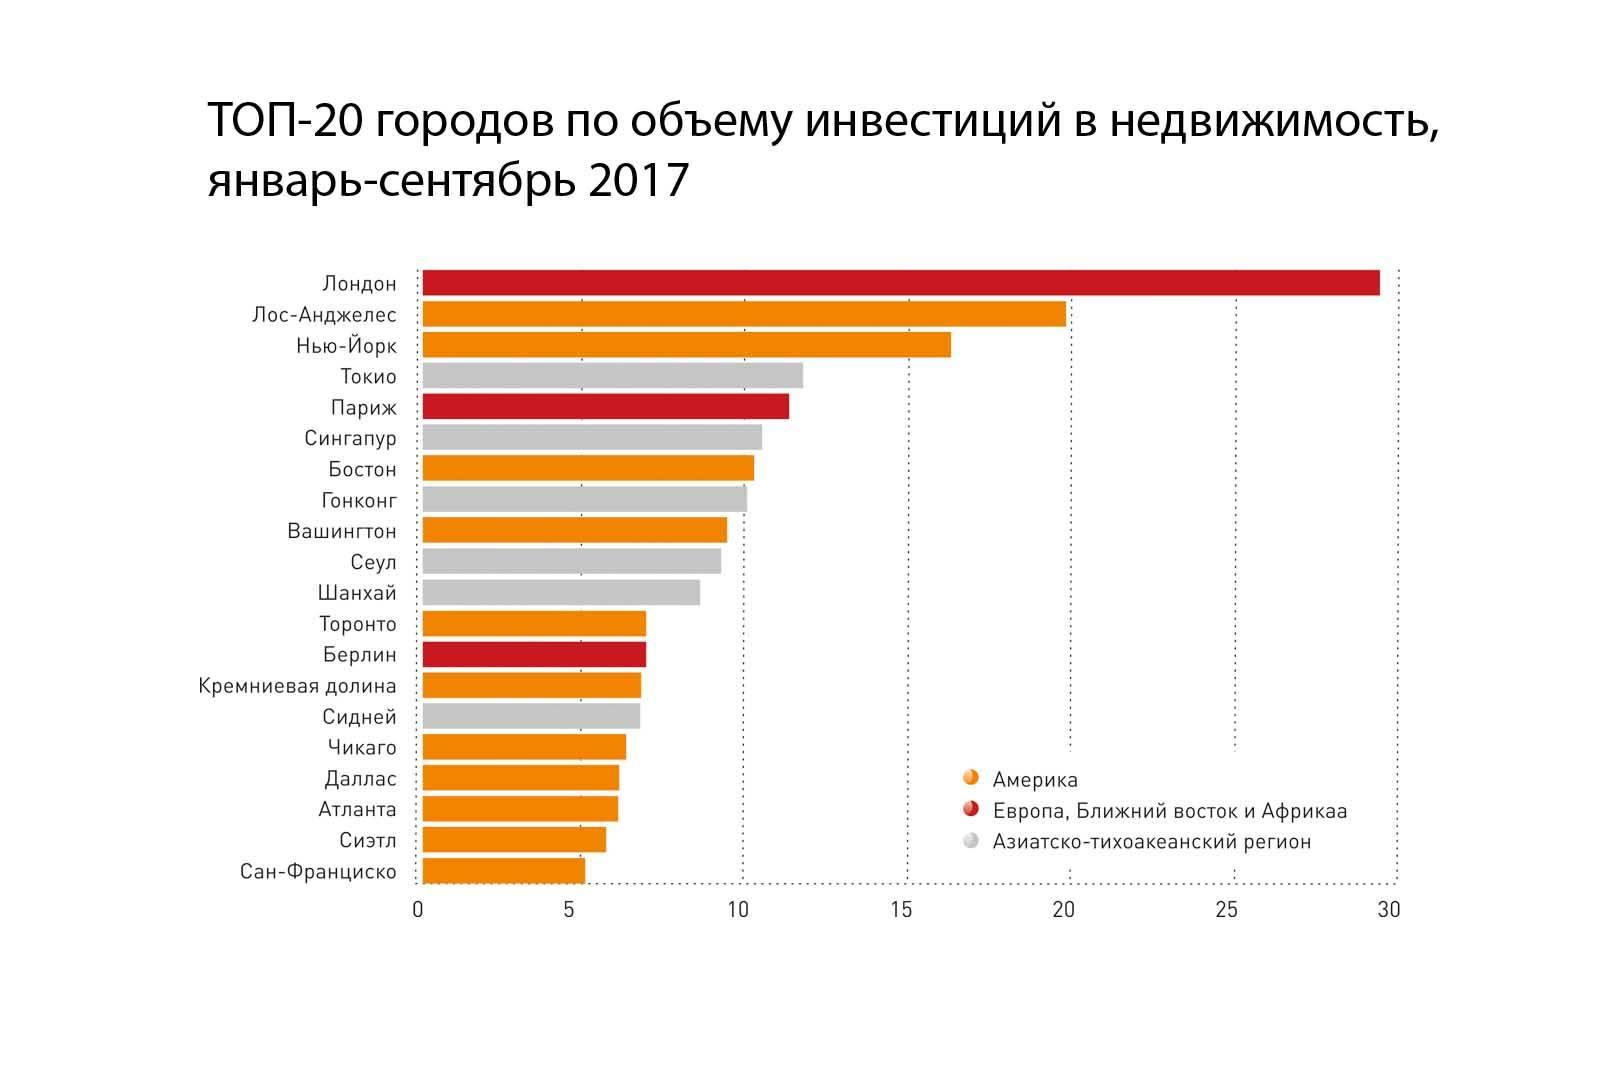 Цены на кондоминиумы в берлине с 2011 по 2019 год с разбивкой по районам | лучшее место для жизни в россии